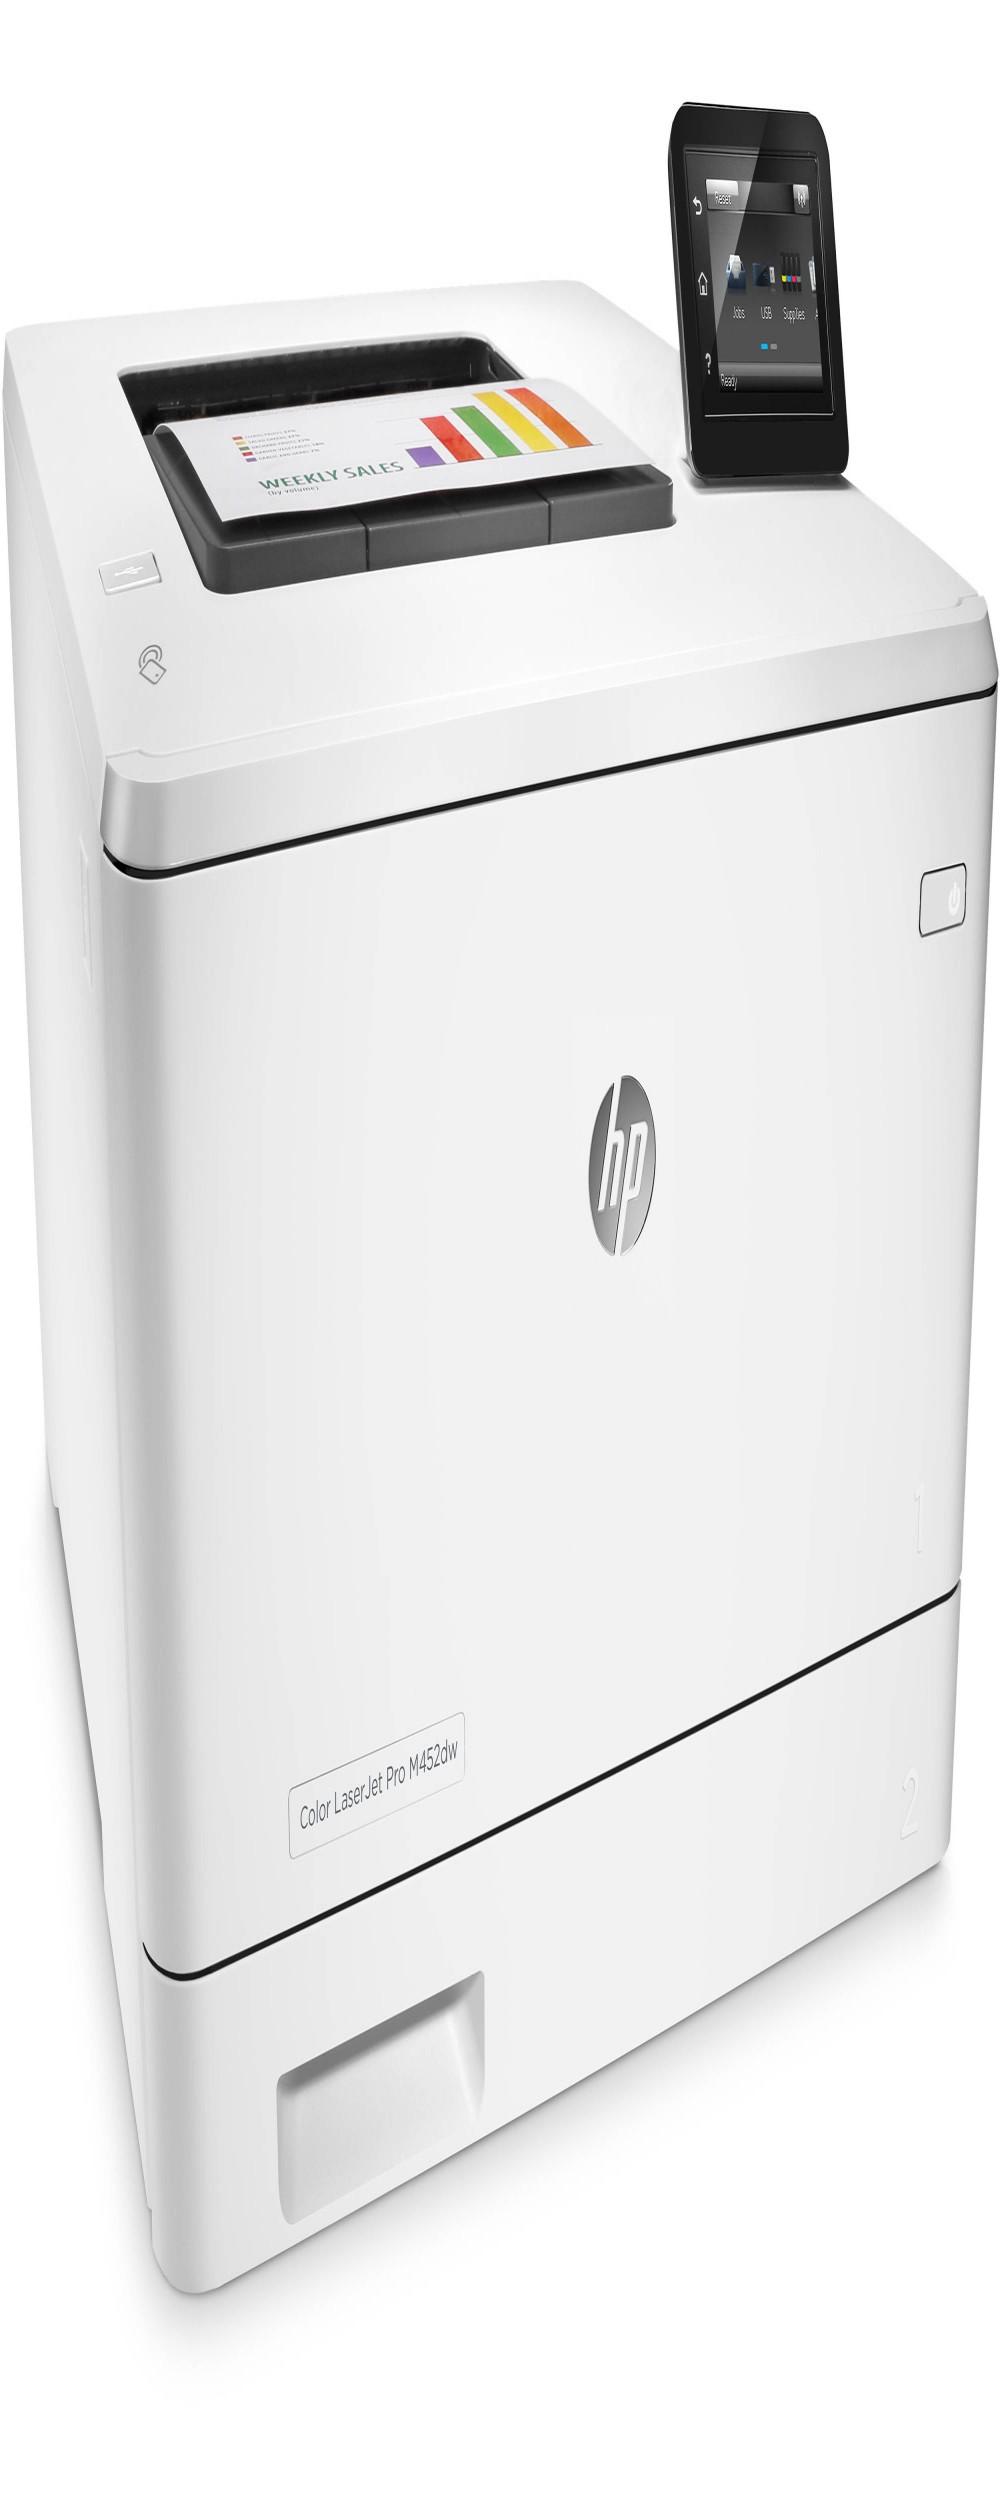 Impressora Hp Laserjet Color Pro M452dw 110V   S/G